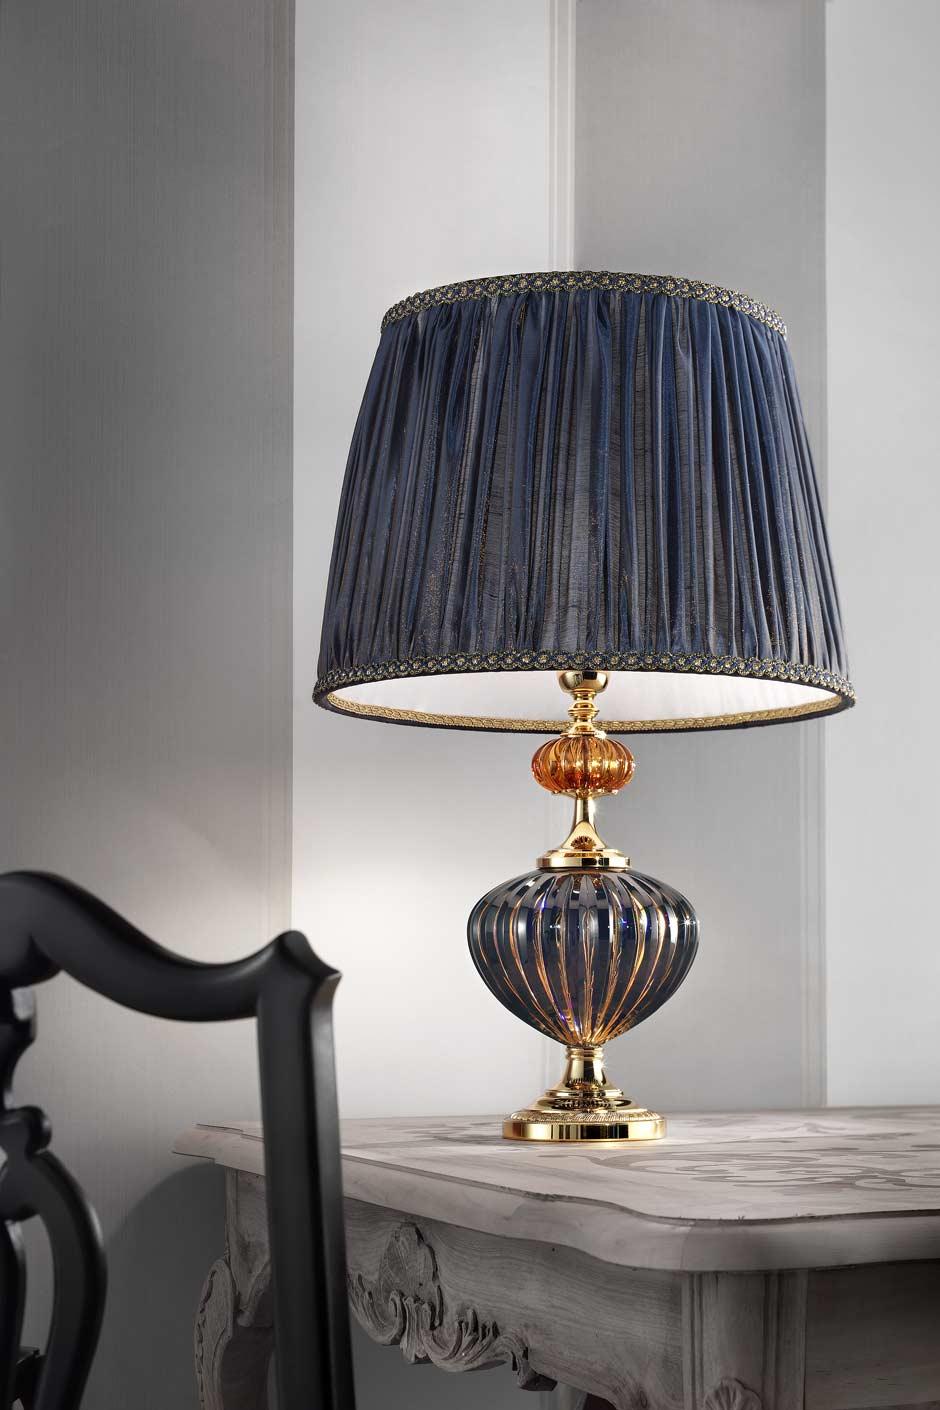 Dark Blue And Gold Murano Glass Table Lamp Masiero